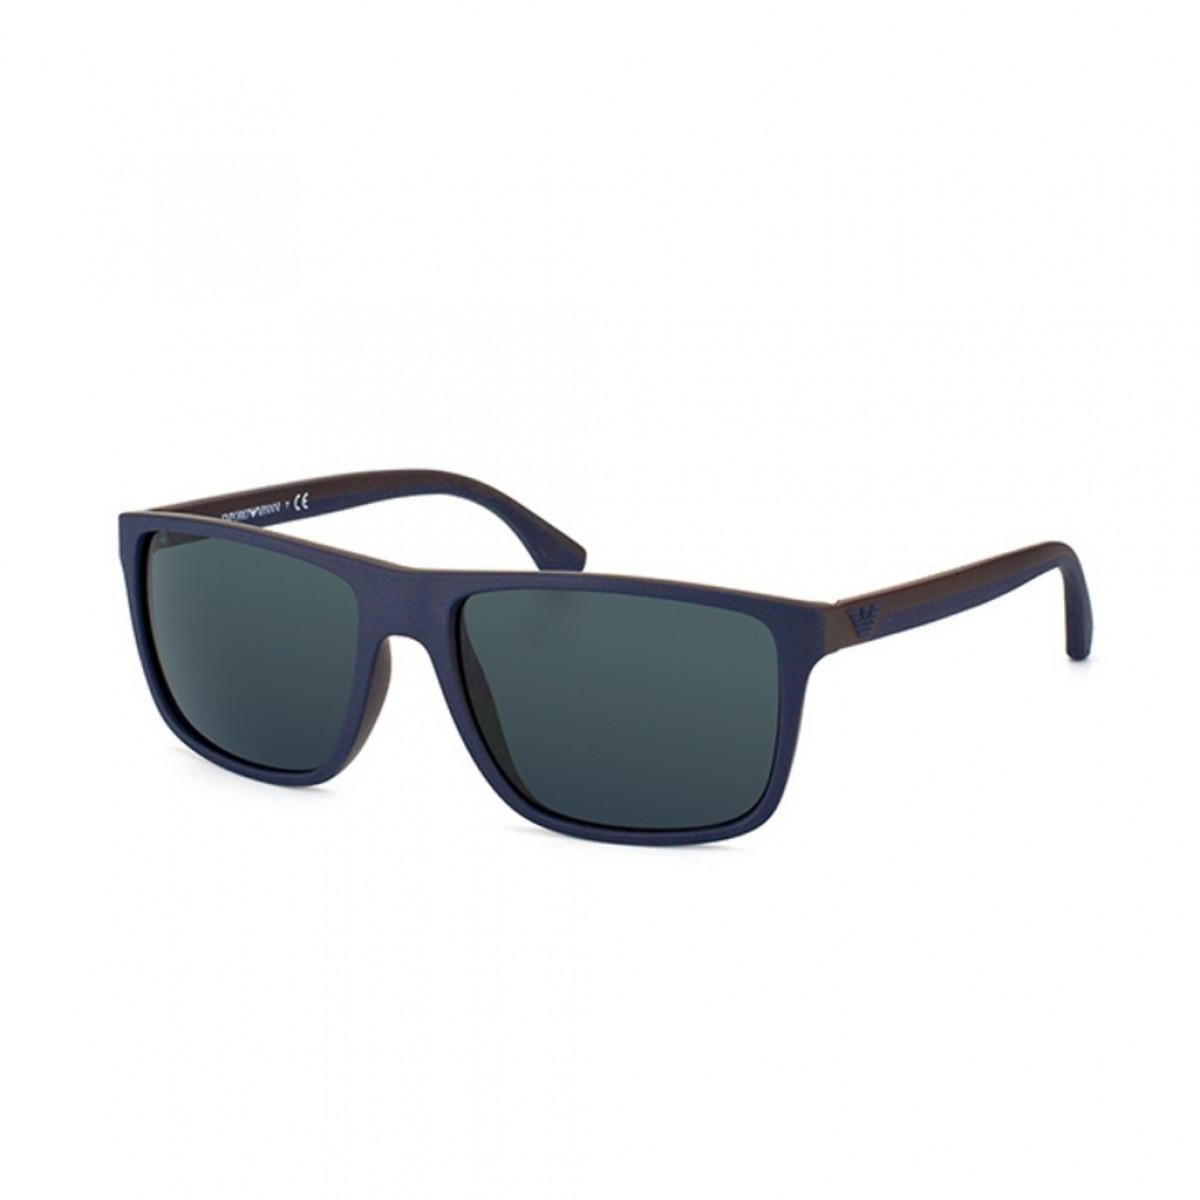 Emporio Armani 4033 523087 56, 108,00€, Occhiali Emporio Armani Blu a forma Rettangolare